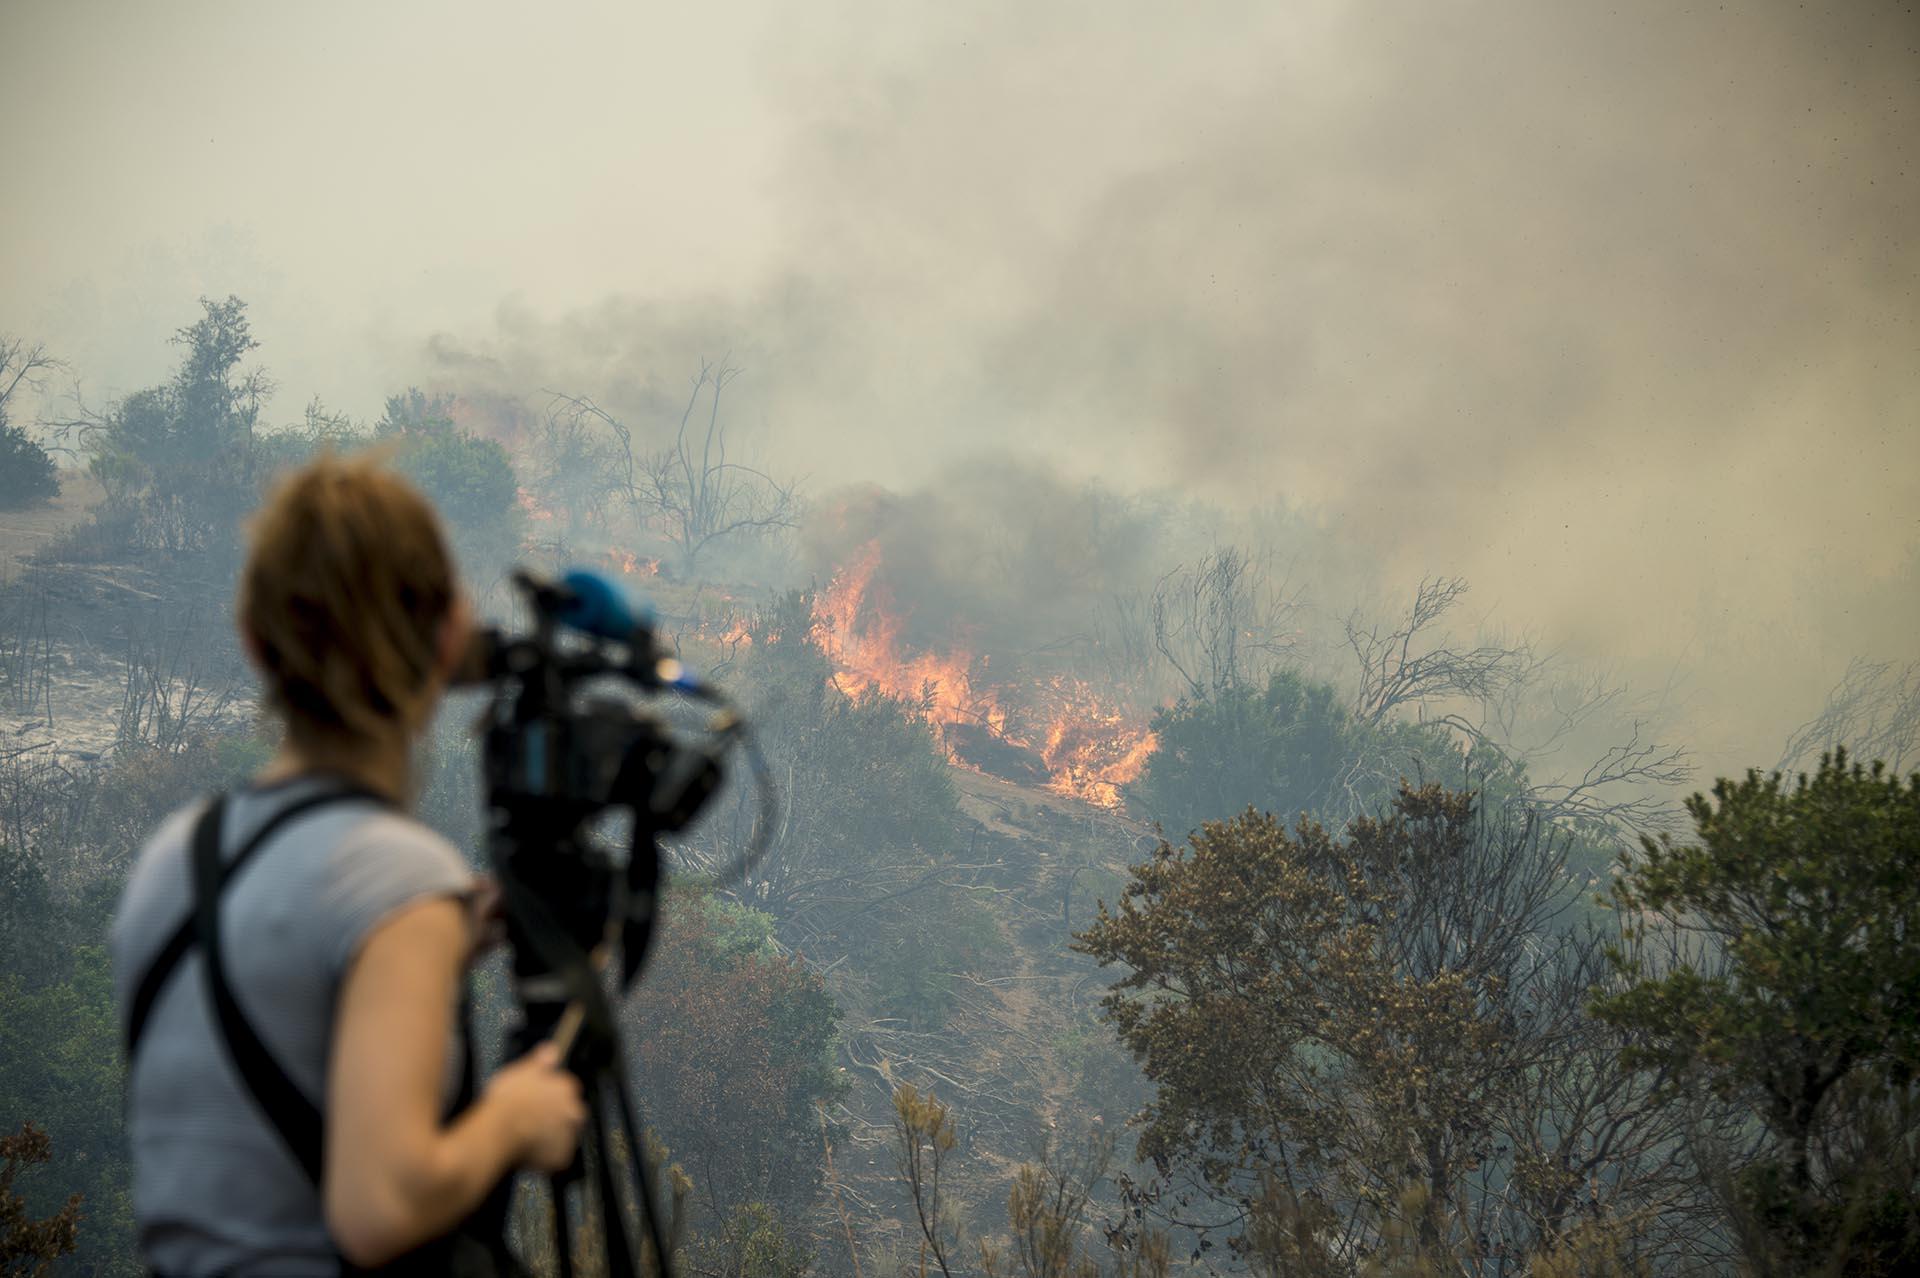 La presidente Bachelet decretó estado de excepción constitucional en las regiones de O'Higgins, el Maule y Biobío, donde más de 4.000 personas combaten el fuego, entre bomberos voluntarios, brigadistas (bomberos forestales), carabineros, detectives, funcionarios públicos, militares y civiles